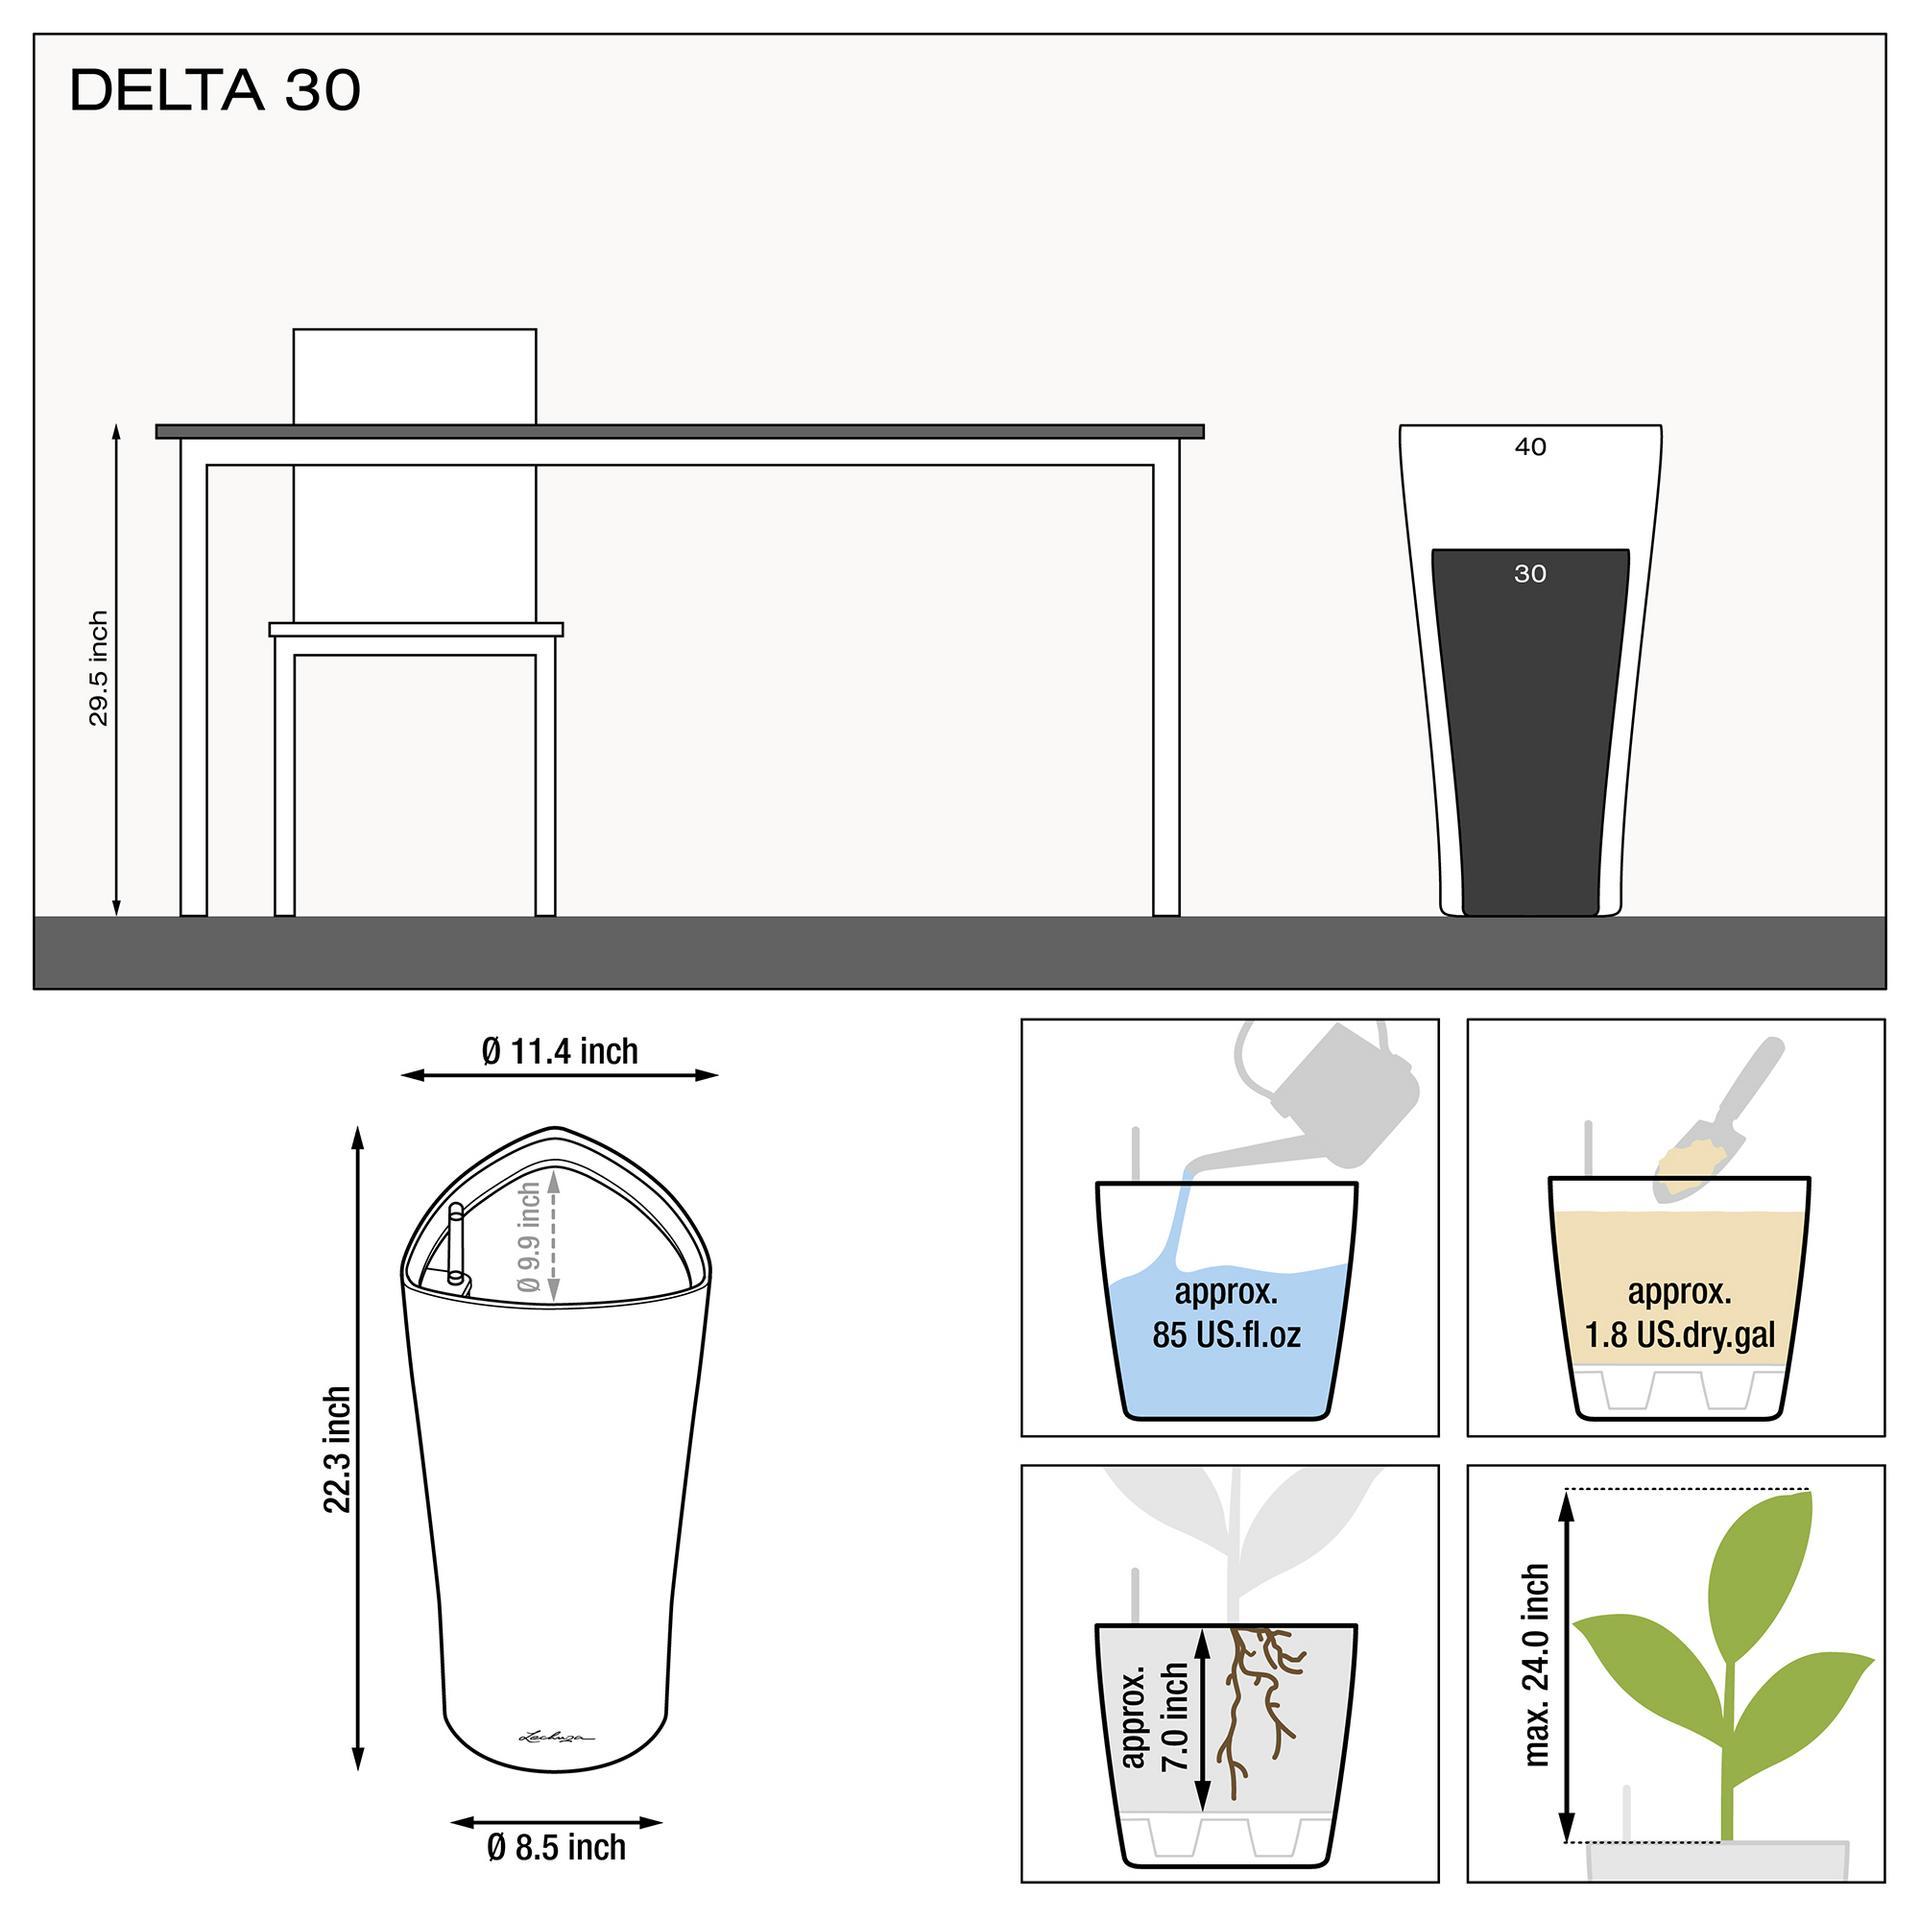 le_delta30_product_addi_nz_us